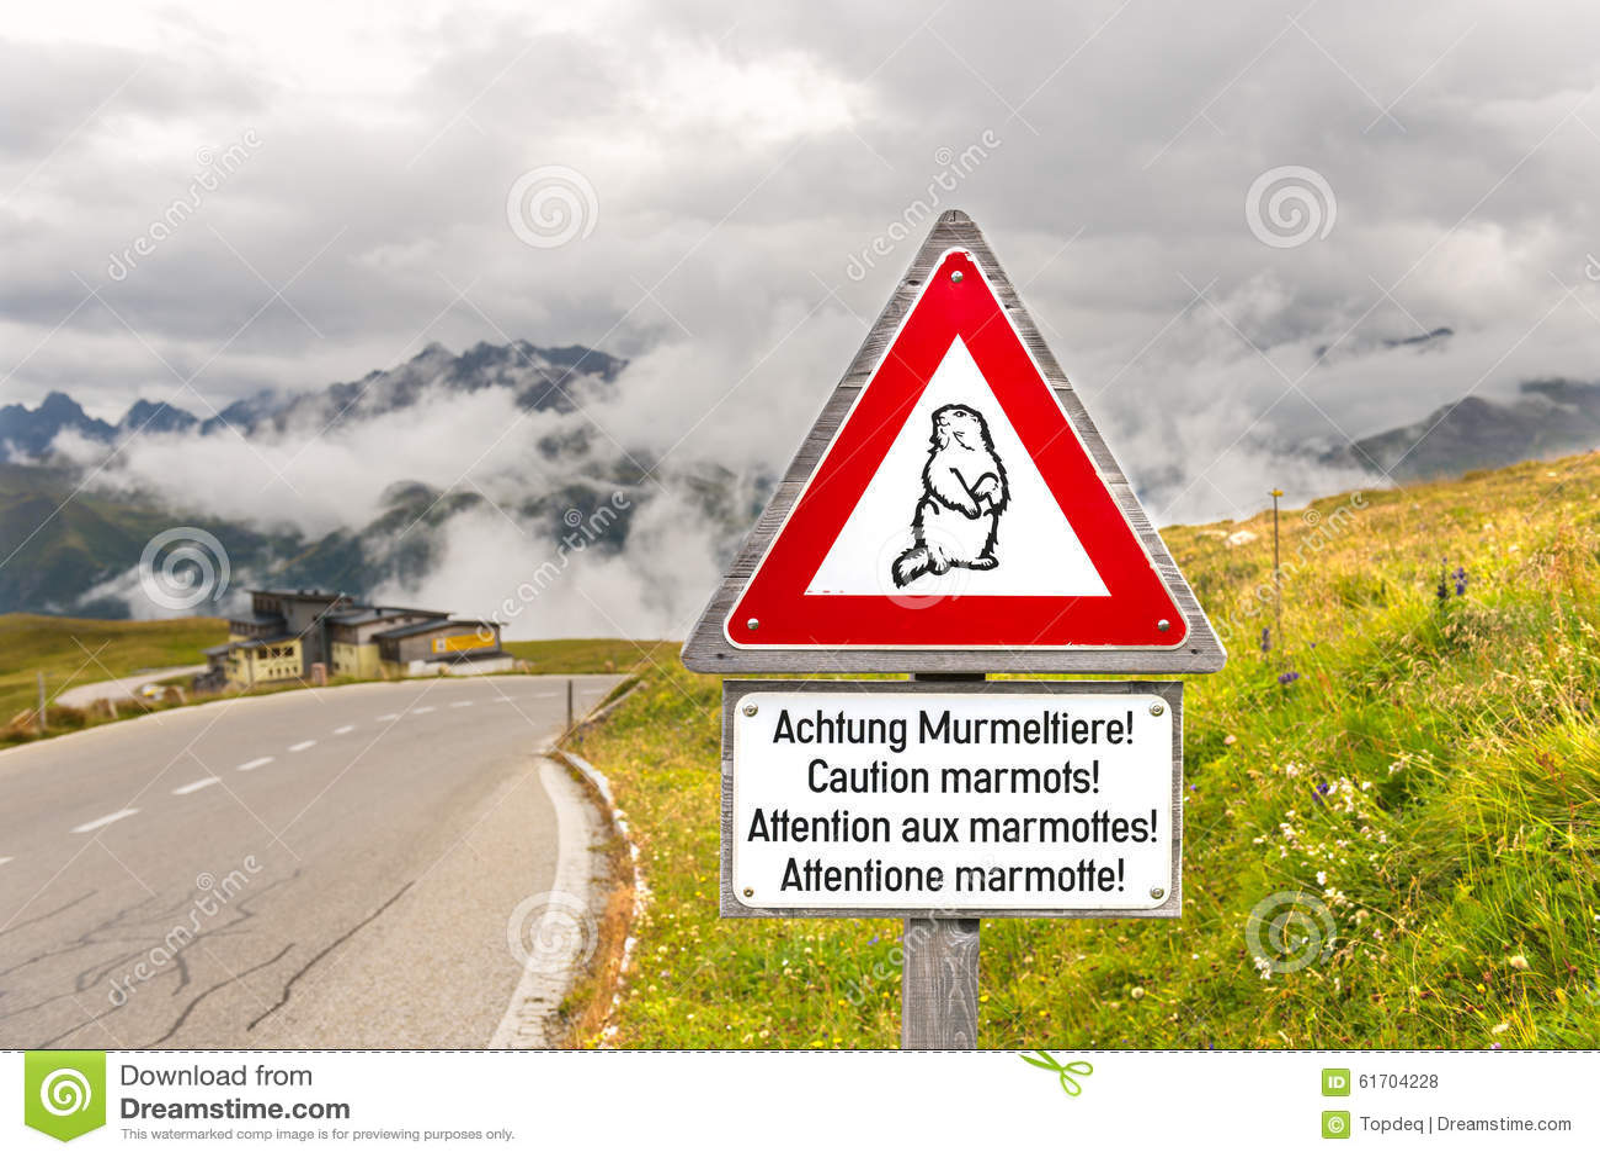 Advirta o sinal de tráfego das marmota em uma estrada alpina